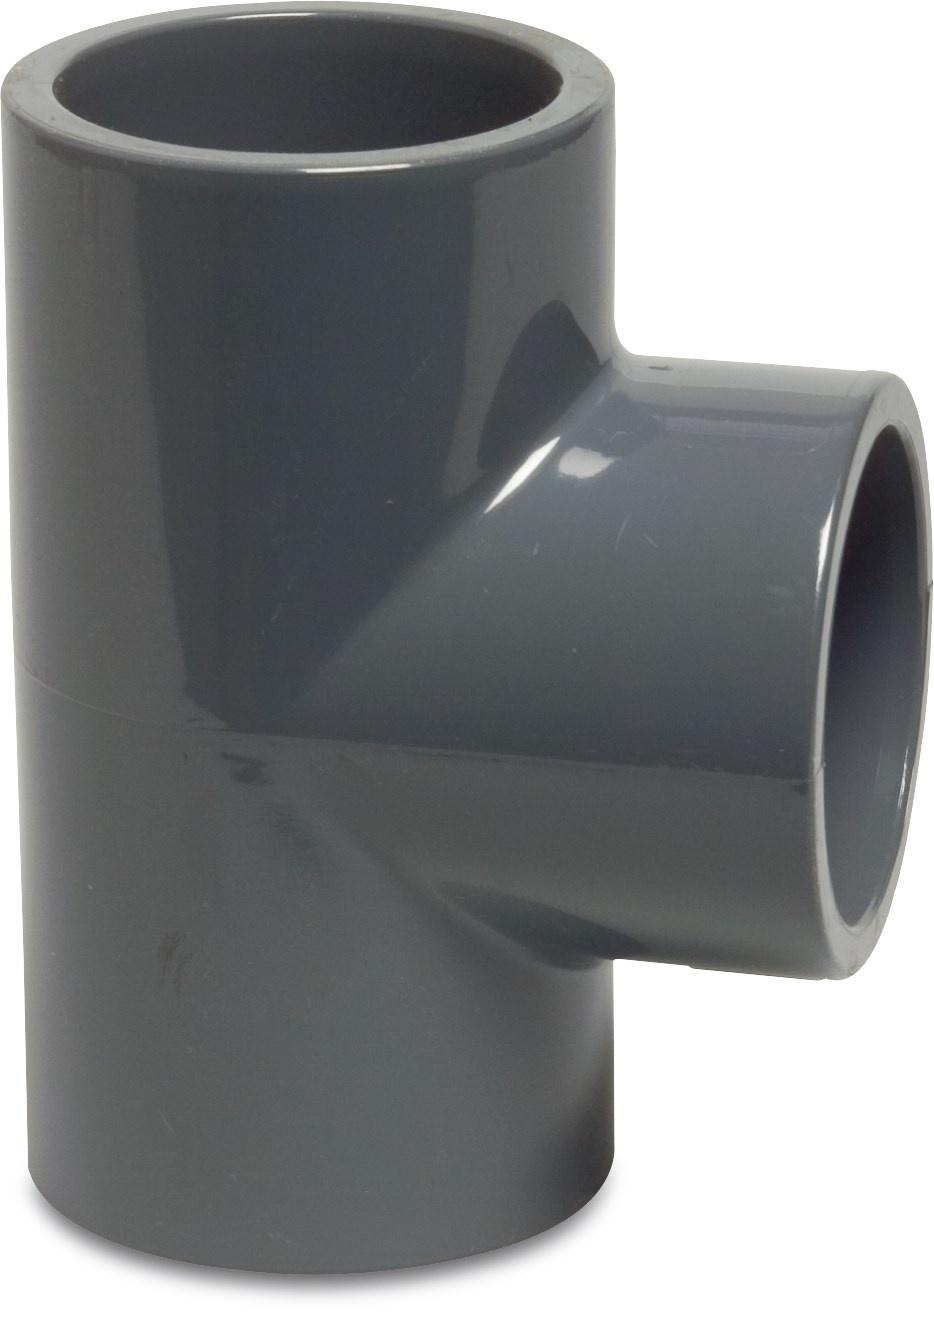 PVC T-stuk 90° druk Ø20 t/m Ø125 mm - 16 bar